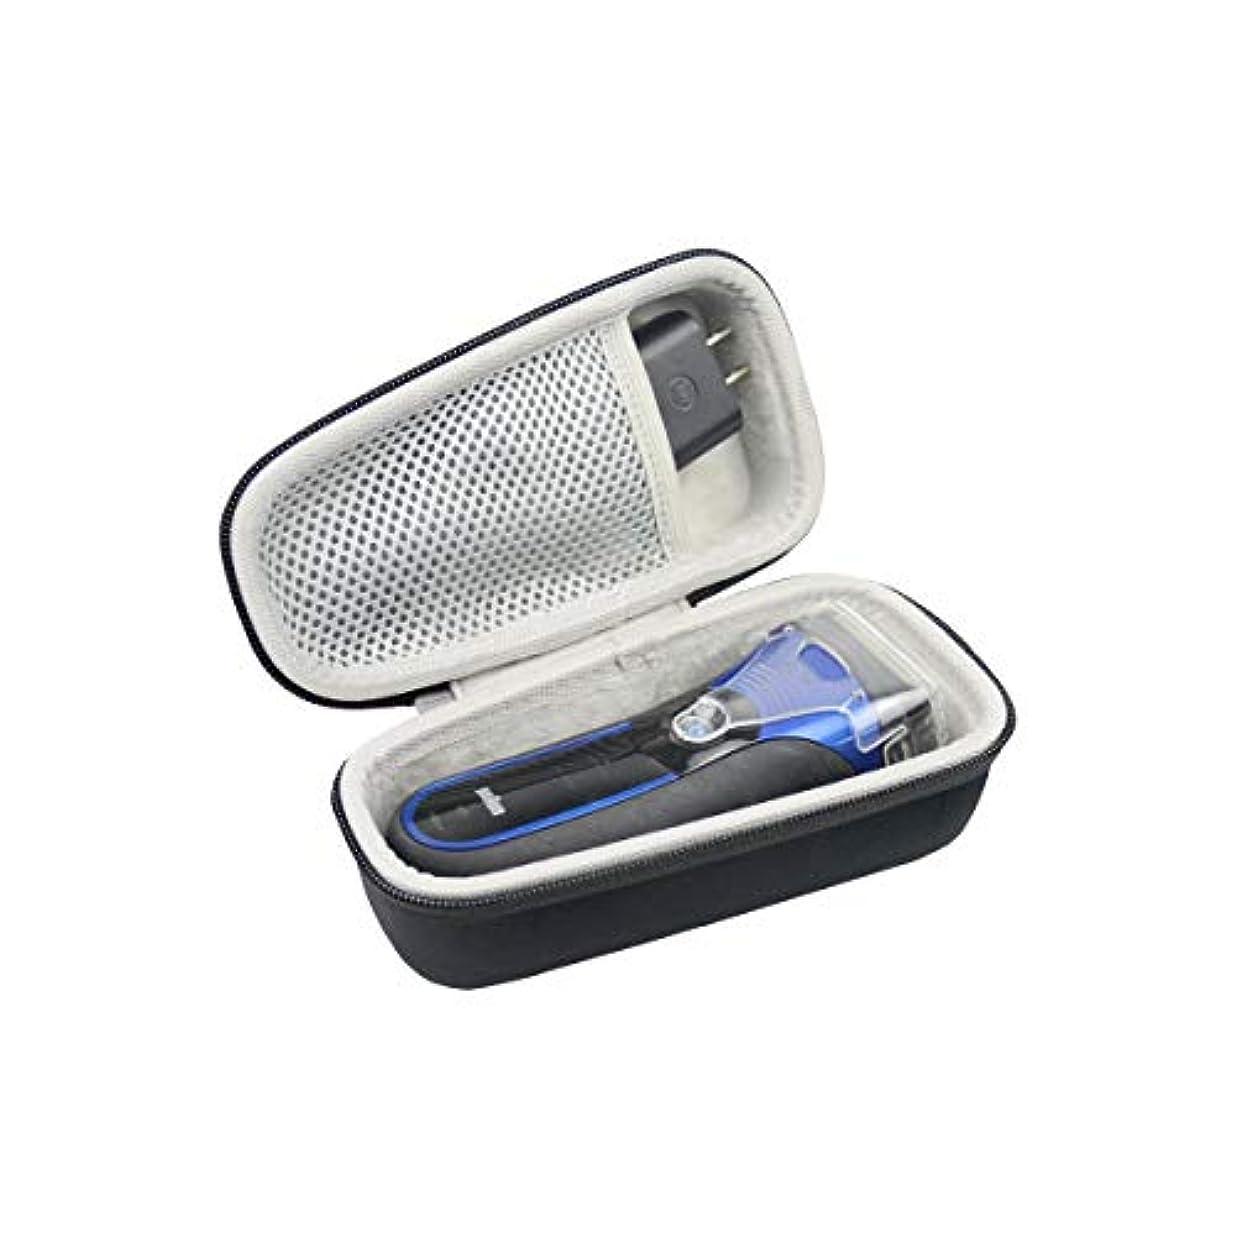 に変わる魅了する保全キャリングトラベル収納エヴァハードケースfor Braunシリーズ3 310s 3010S 310S 3040s 3020S - B ウェット&ドライ電気シェーバー by LUYIBA